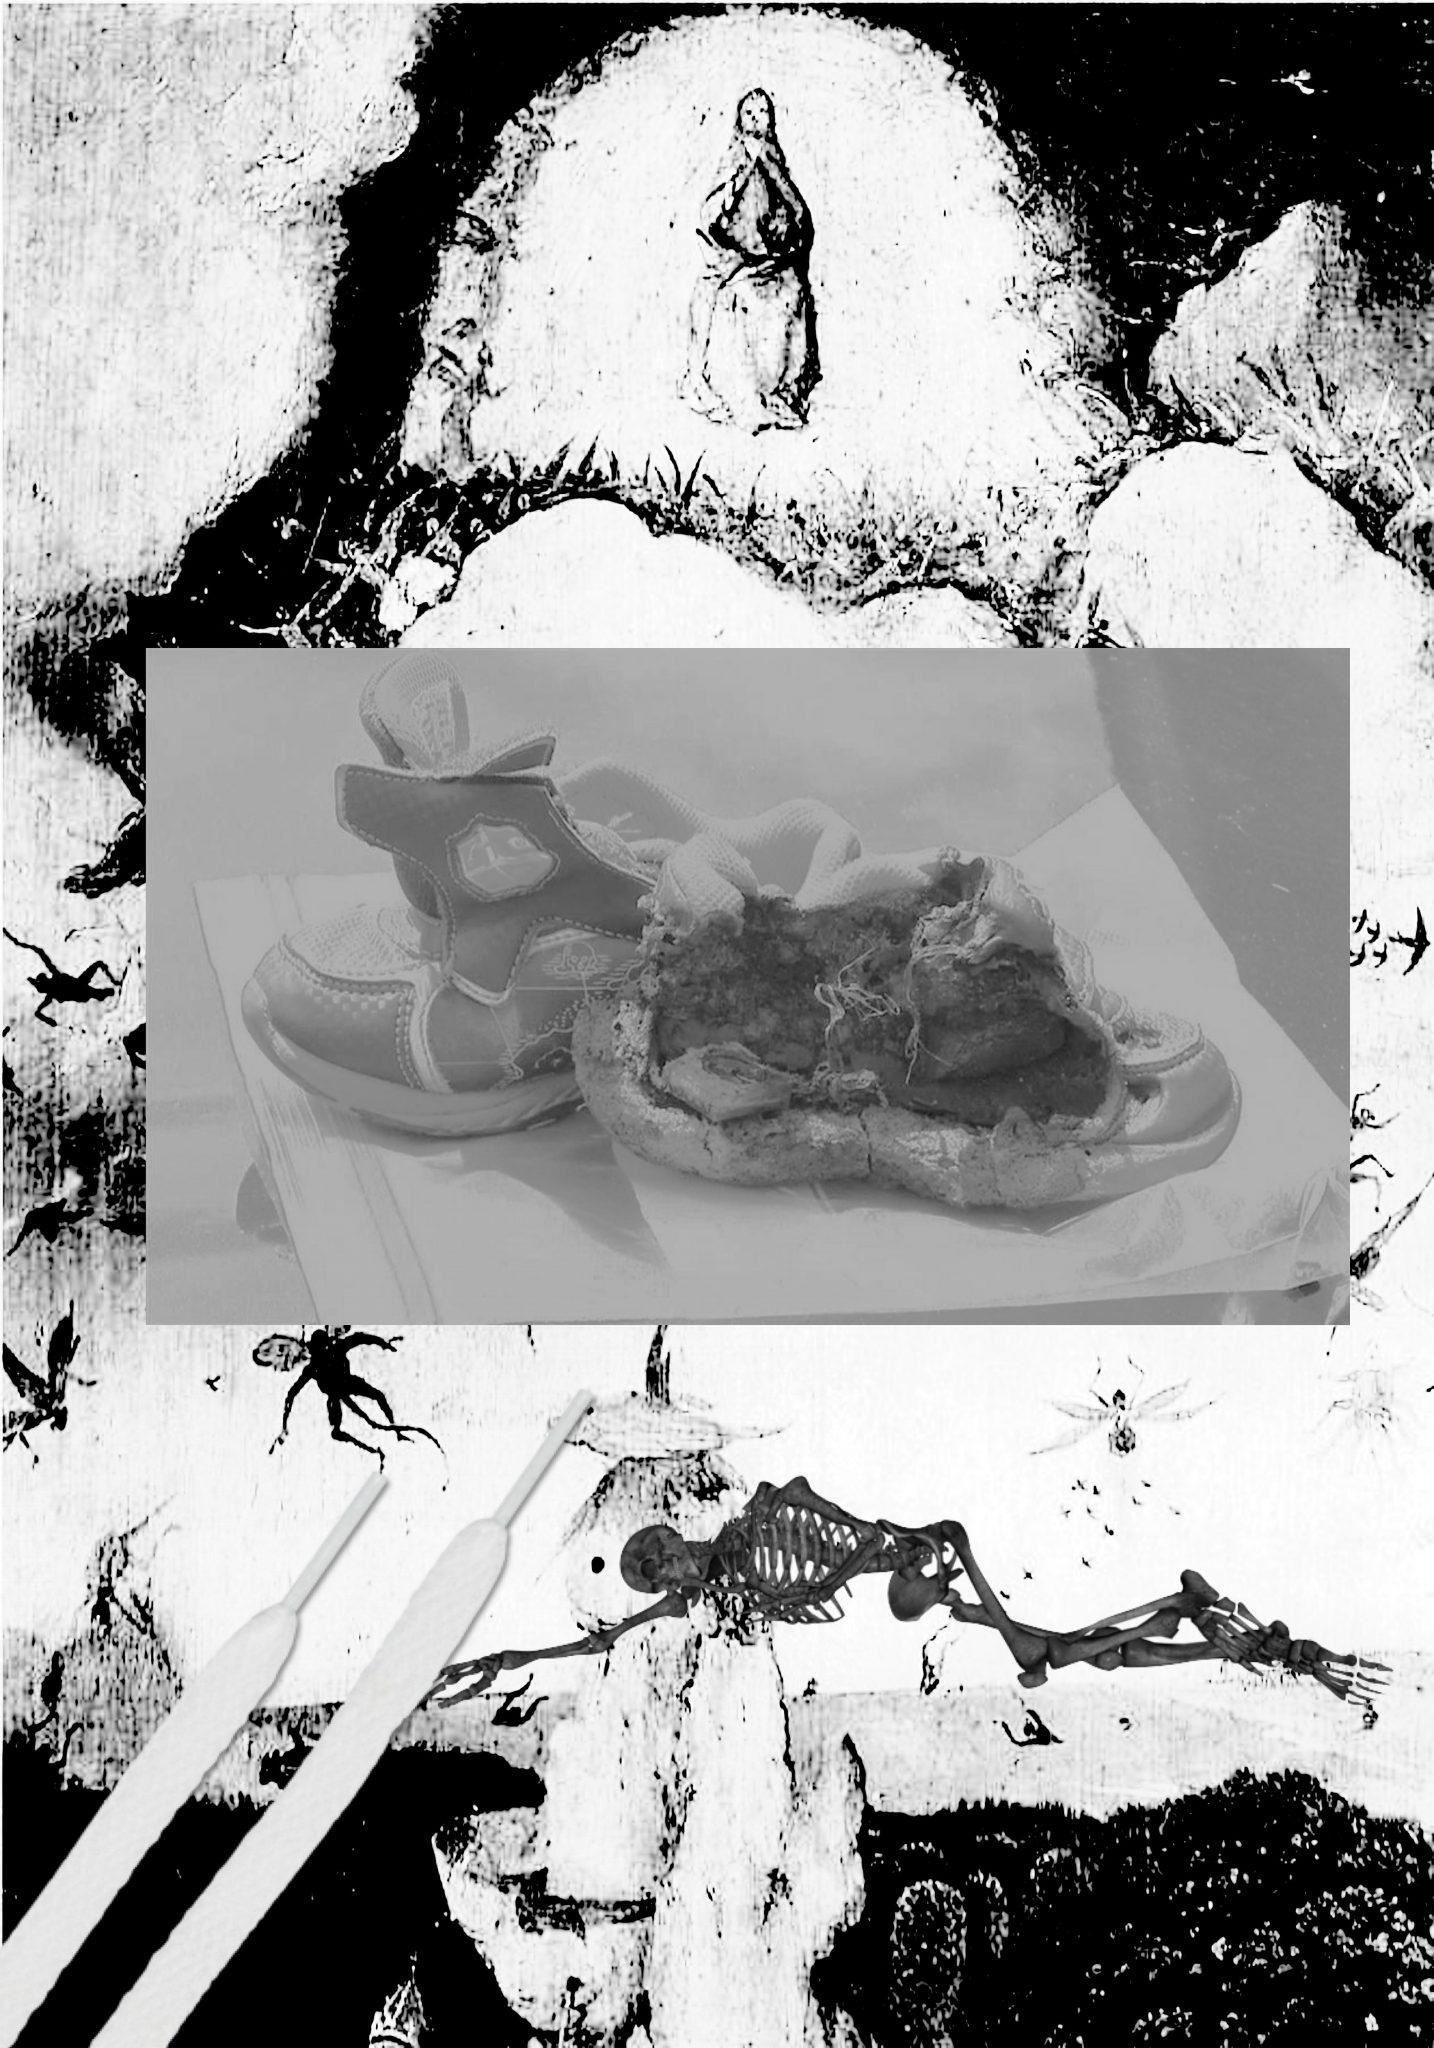 Baby Steps by Utz Utzen